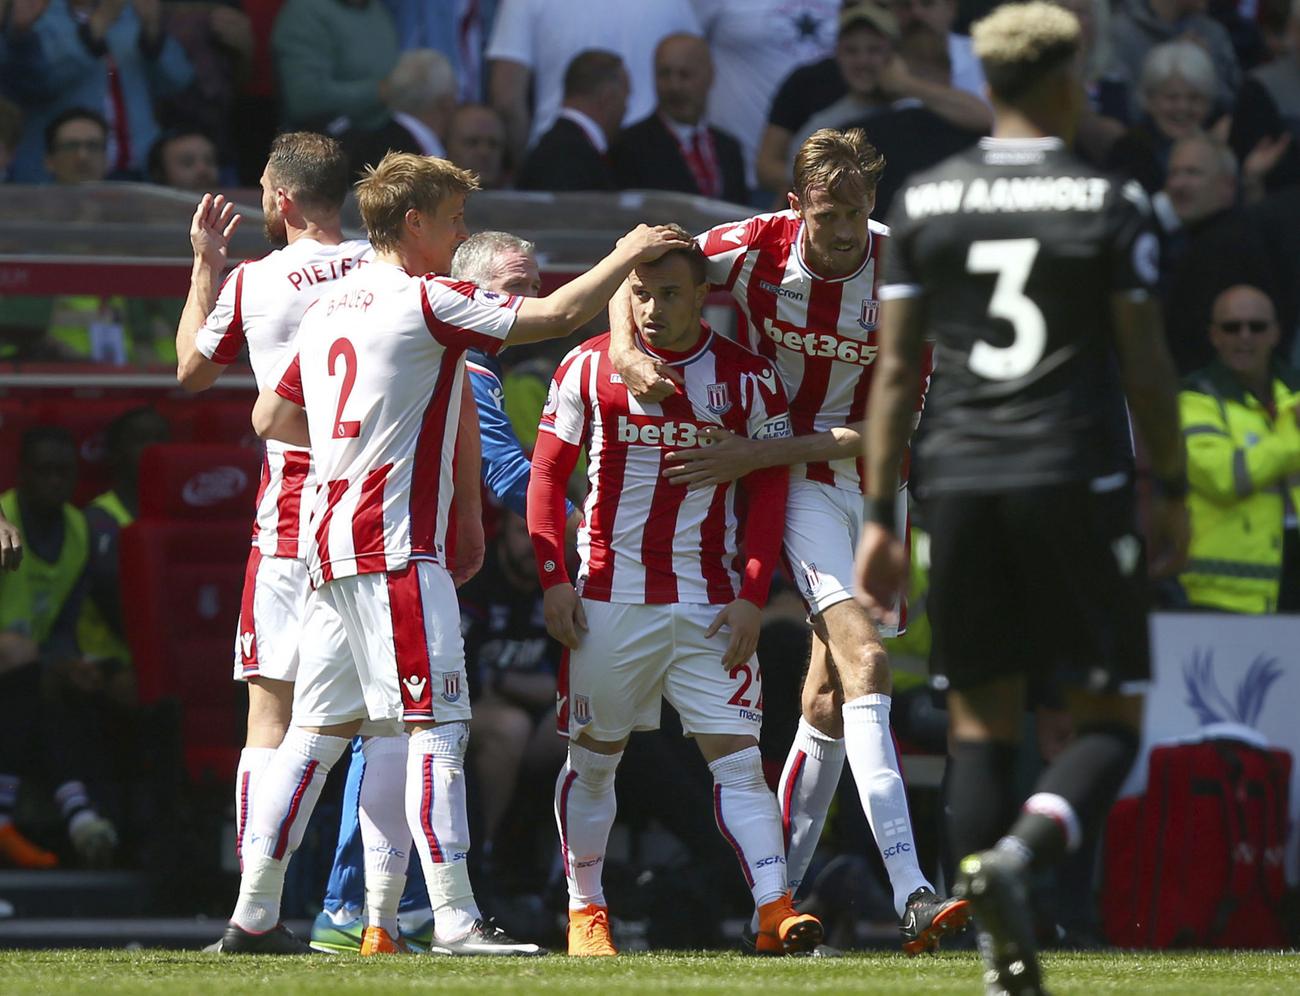 Angleterre Mame Biram Diouf Et Stoke City relégués en deuxième division